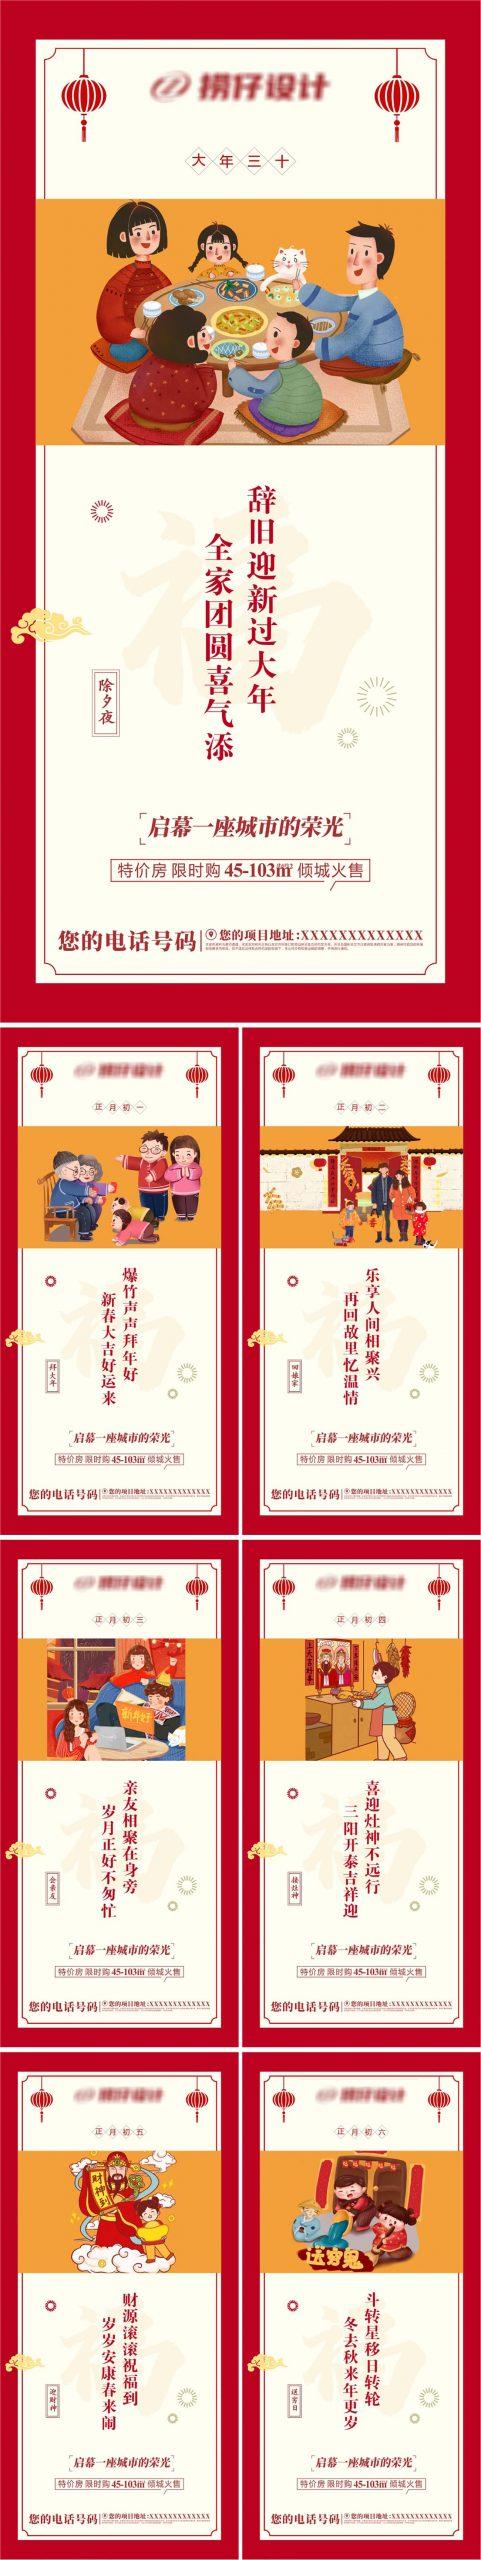 房地产辞旧迎新春节年俗系列海报CDR源文件插图